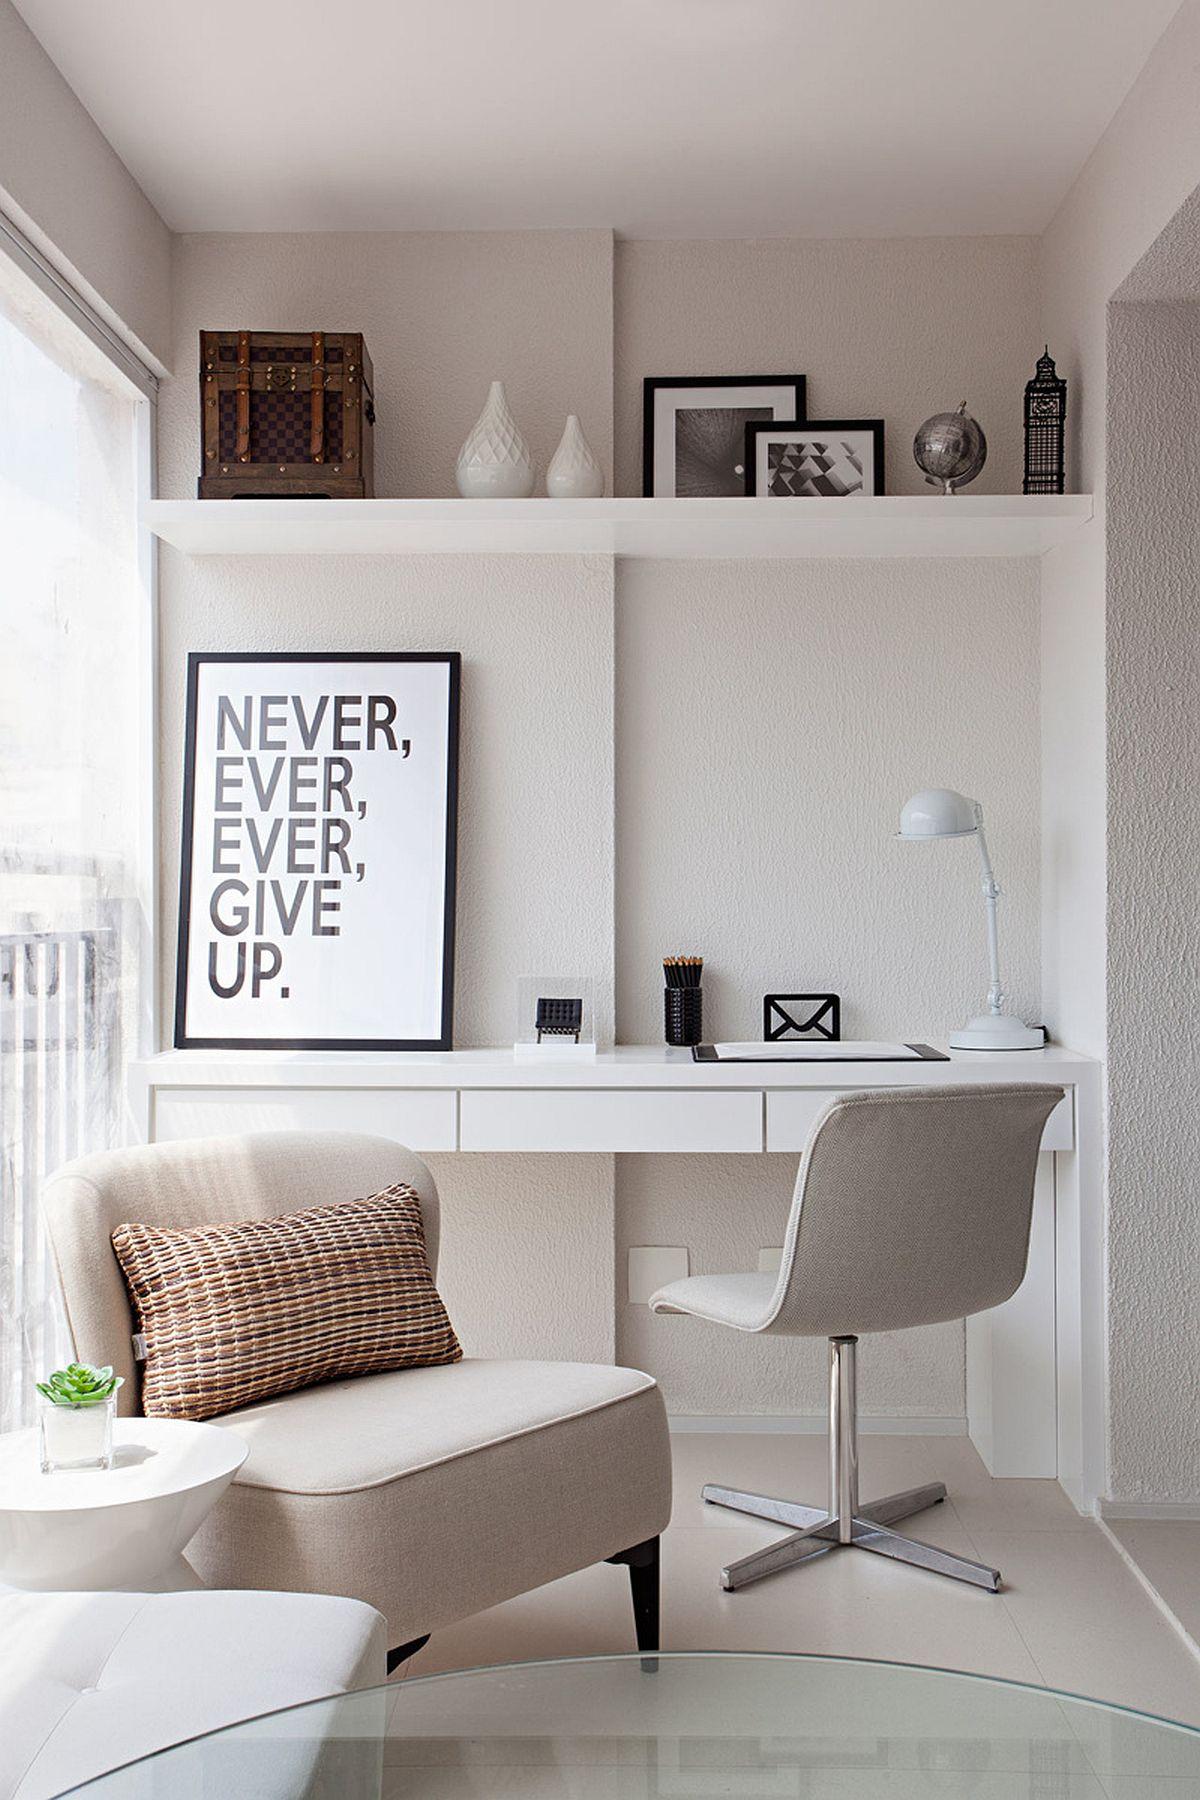 De partea opusă a locului mașinii de spălat rufe este creat un loc de birou. Totul tratat simplu, deschis, elegant.